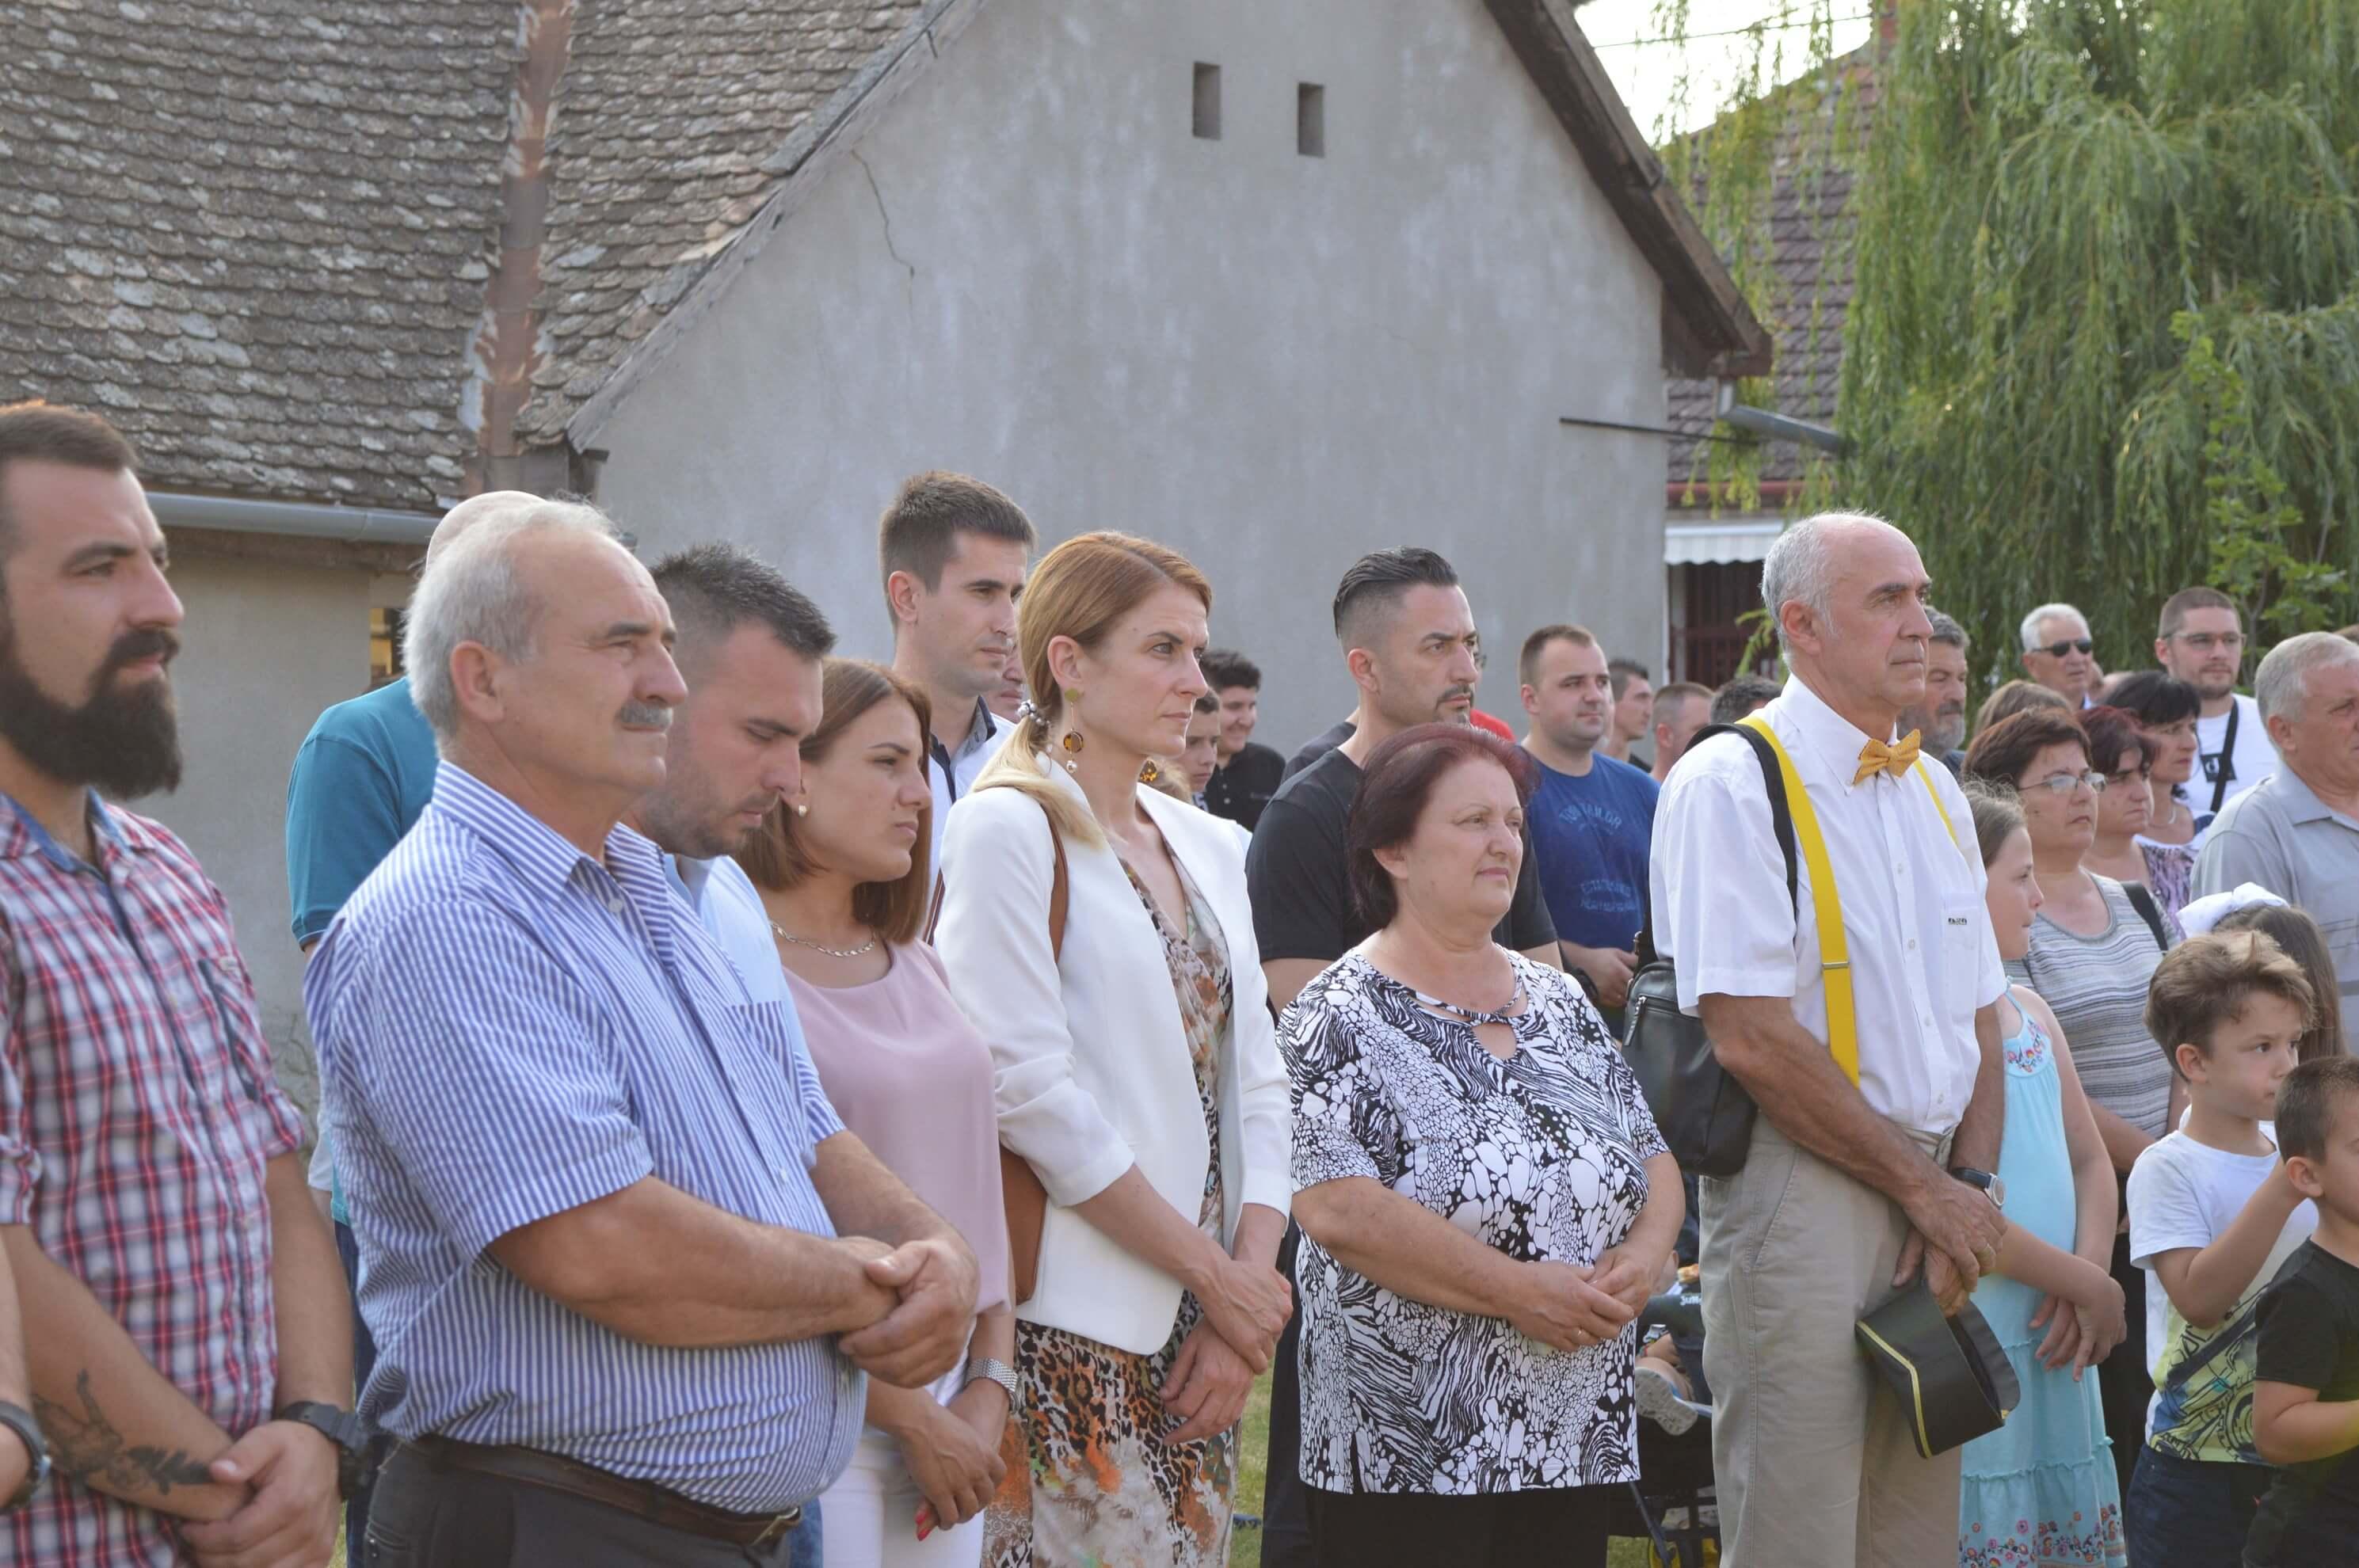 Светој литургији у Бездану присуствовали су и градоначелница Душанка Голубовић и заменик градоначелница Антонио Ратковић